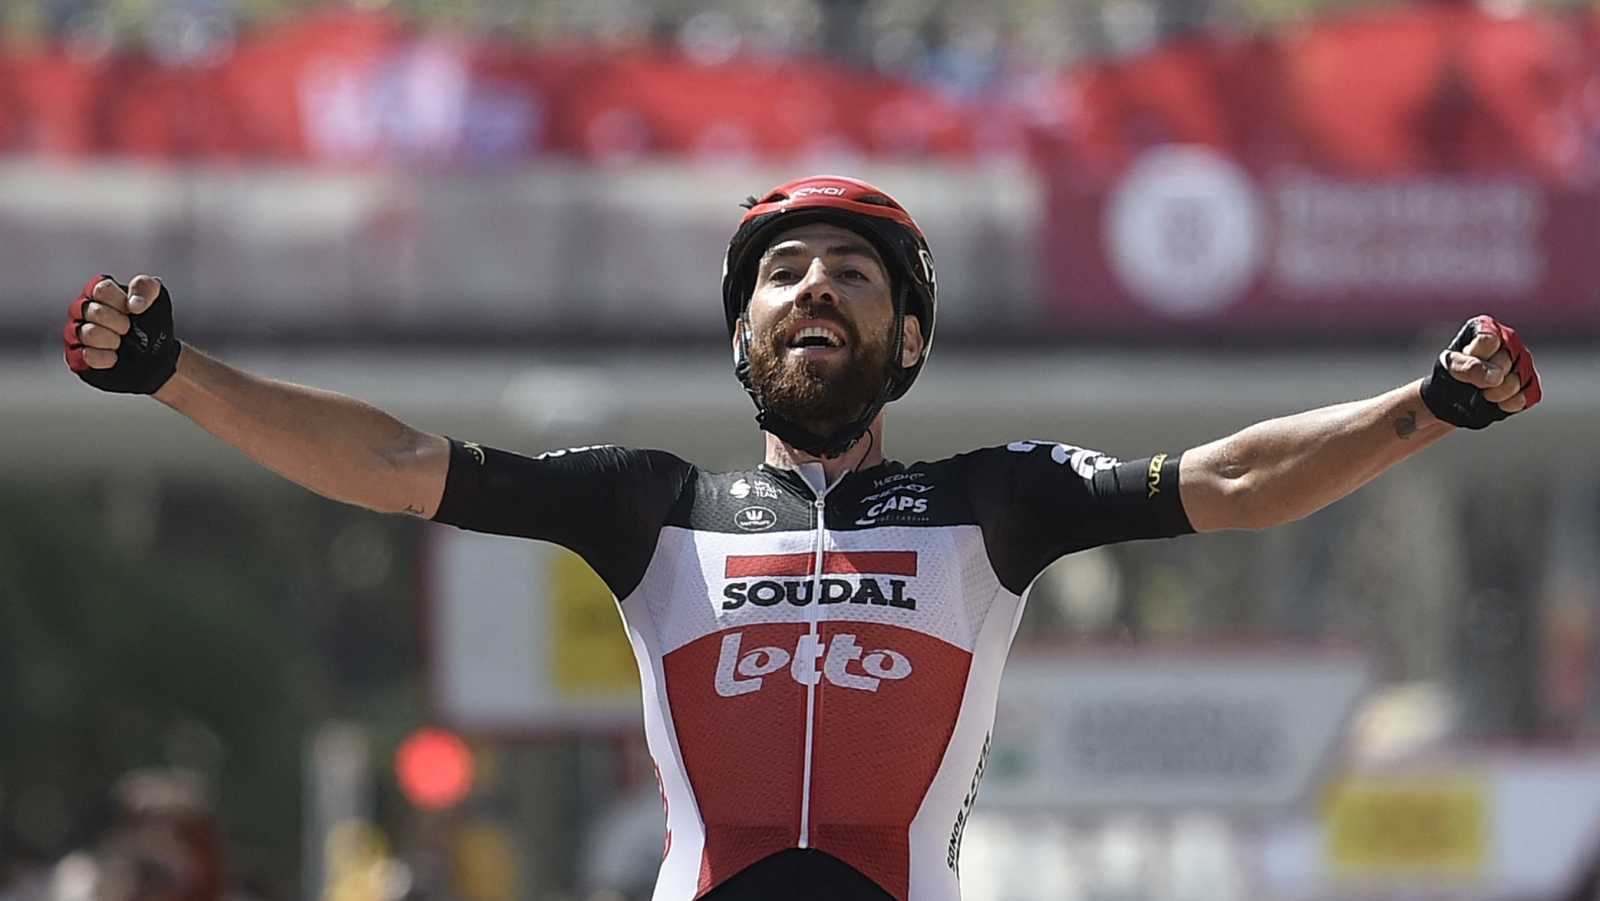 De Gendt gana en Barcelona y Yates conquista la Volta